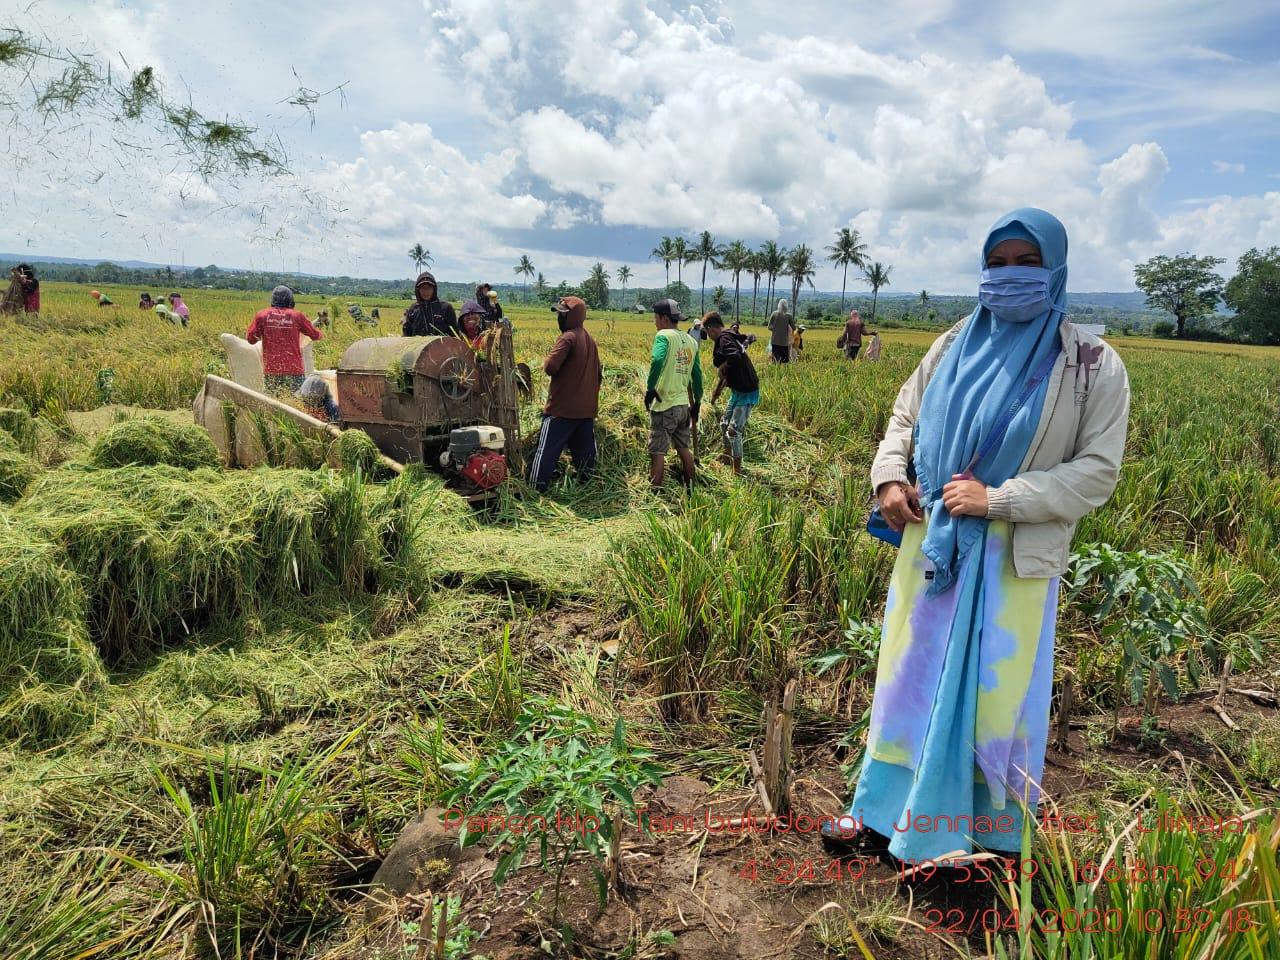 Penyuluh Soppeng Tetap Dampingi Petani Sediakan Pangan, Meskipun Ditengah Ancaman Covid 19